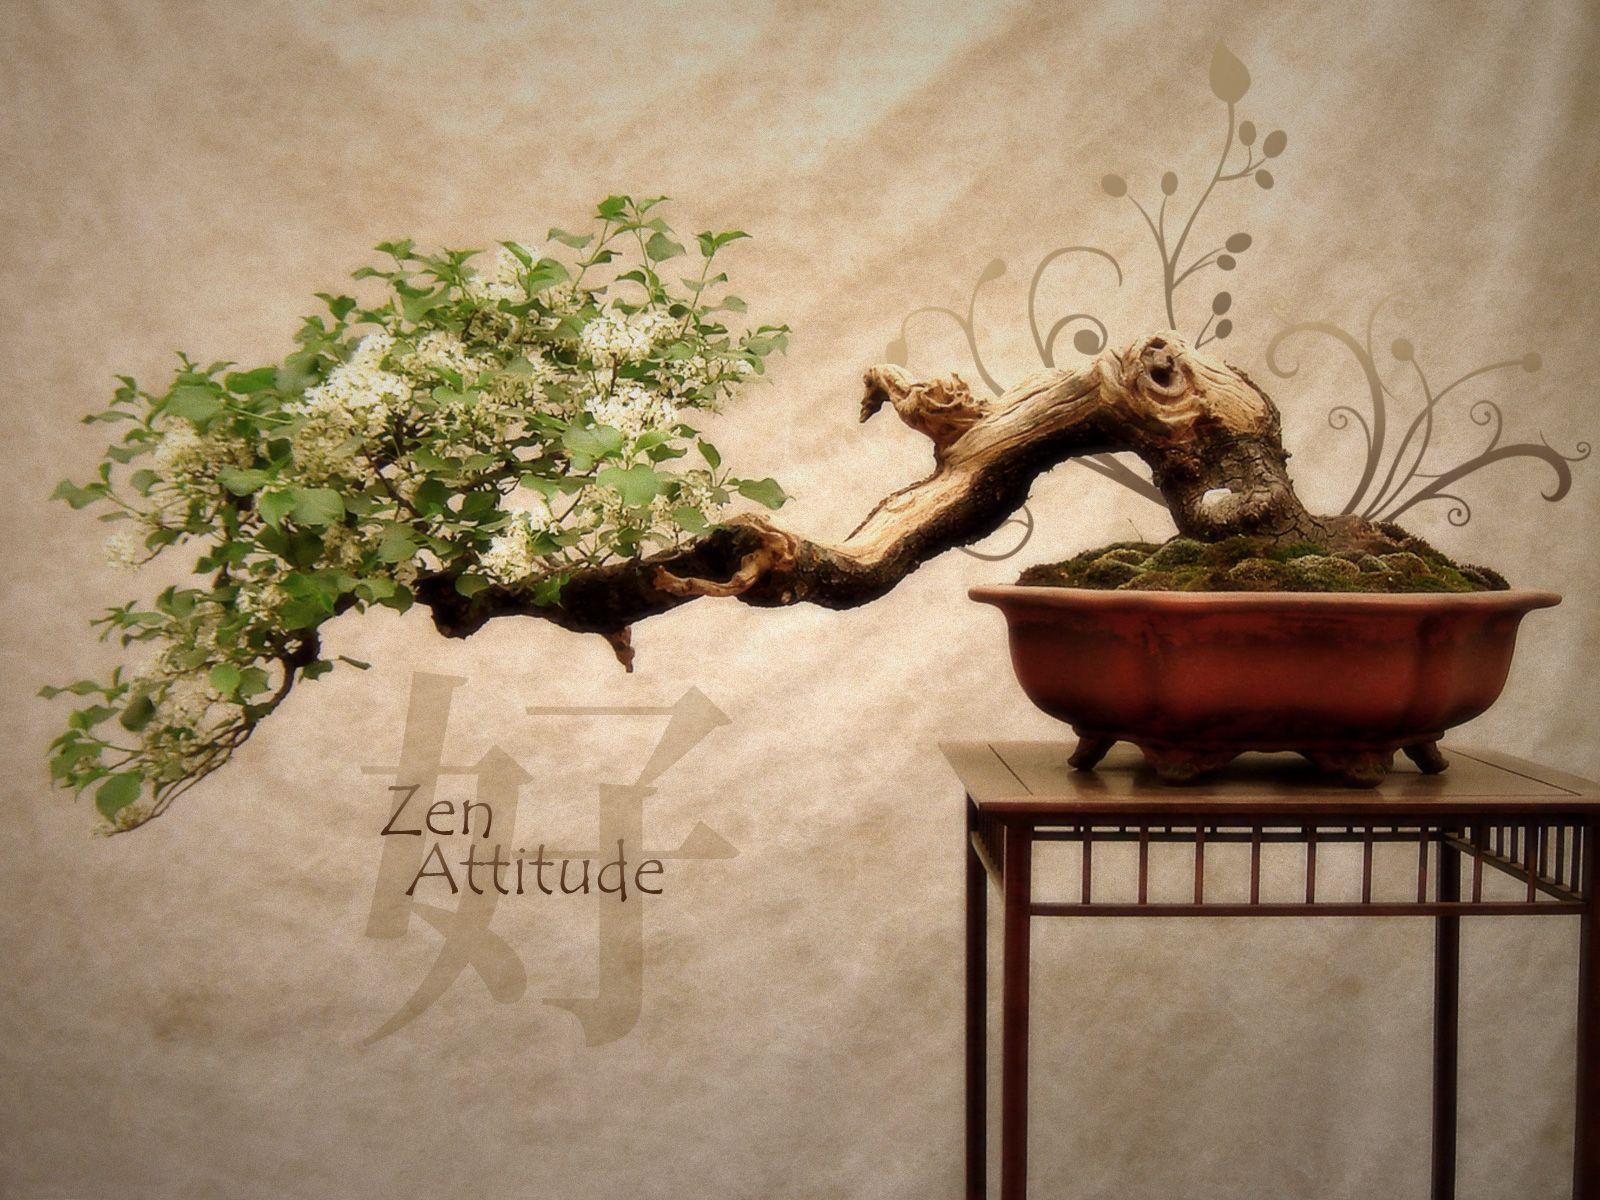 Zen how to meditate